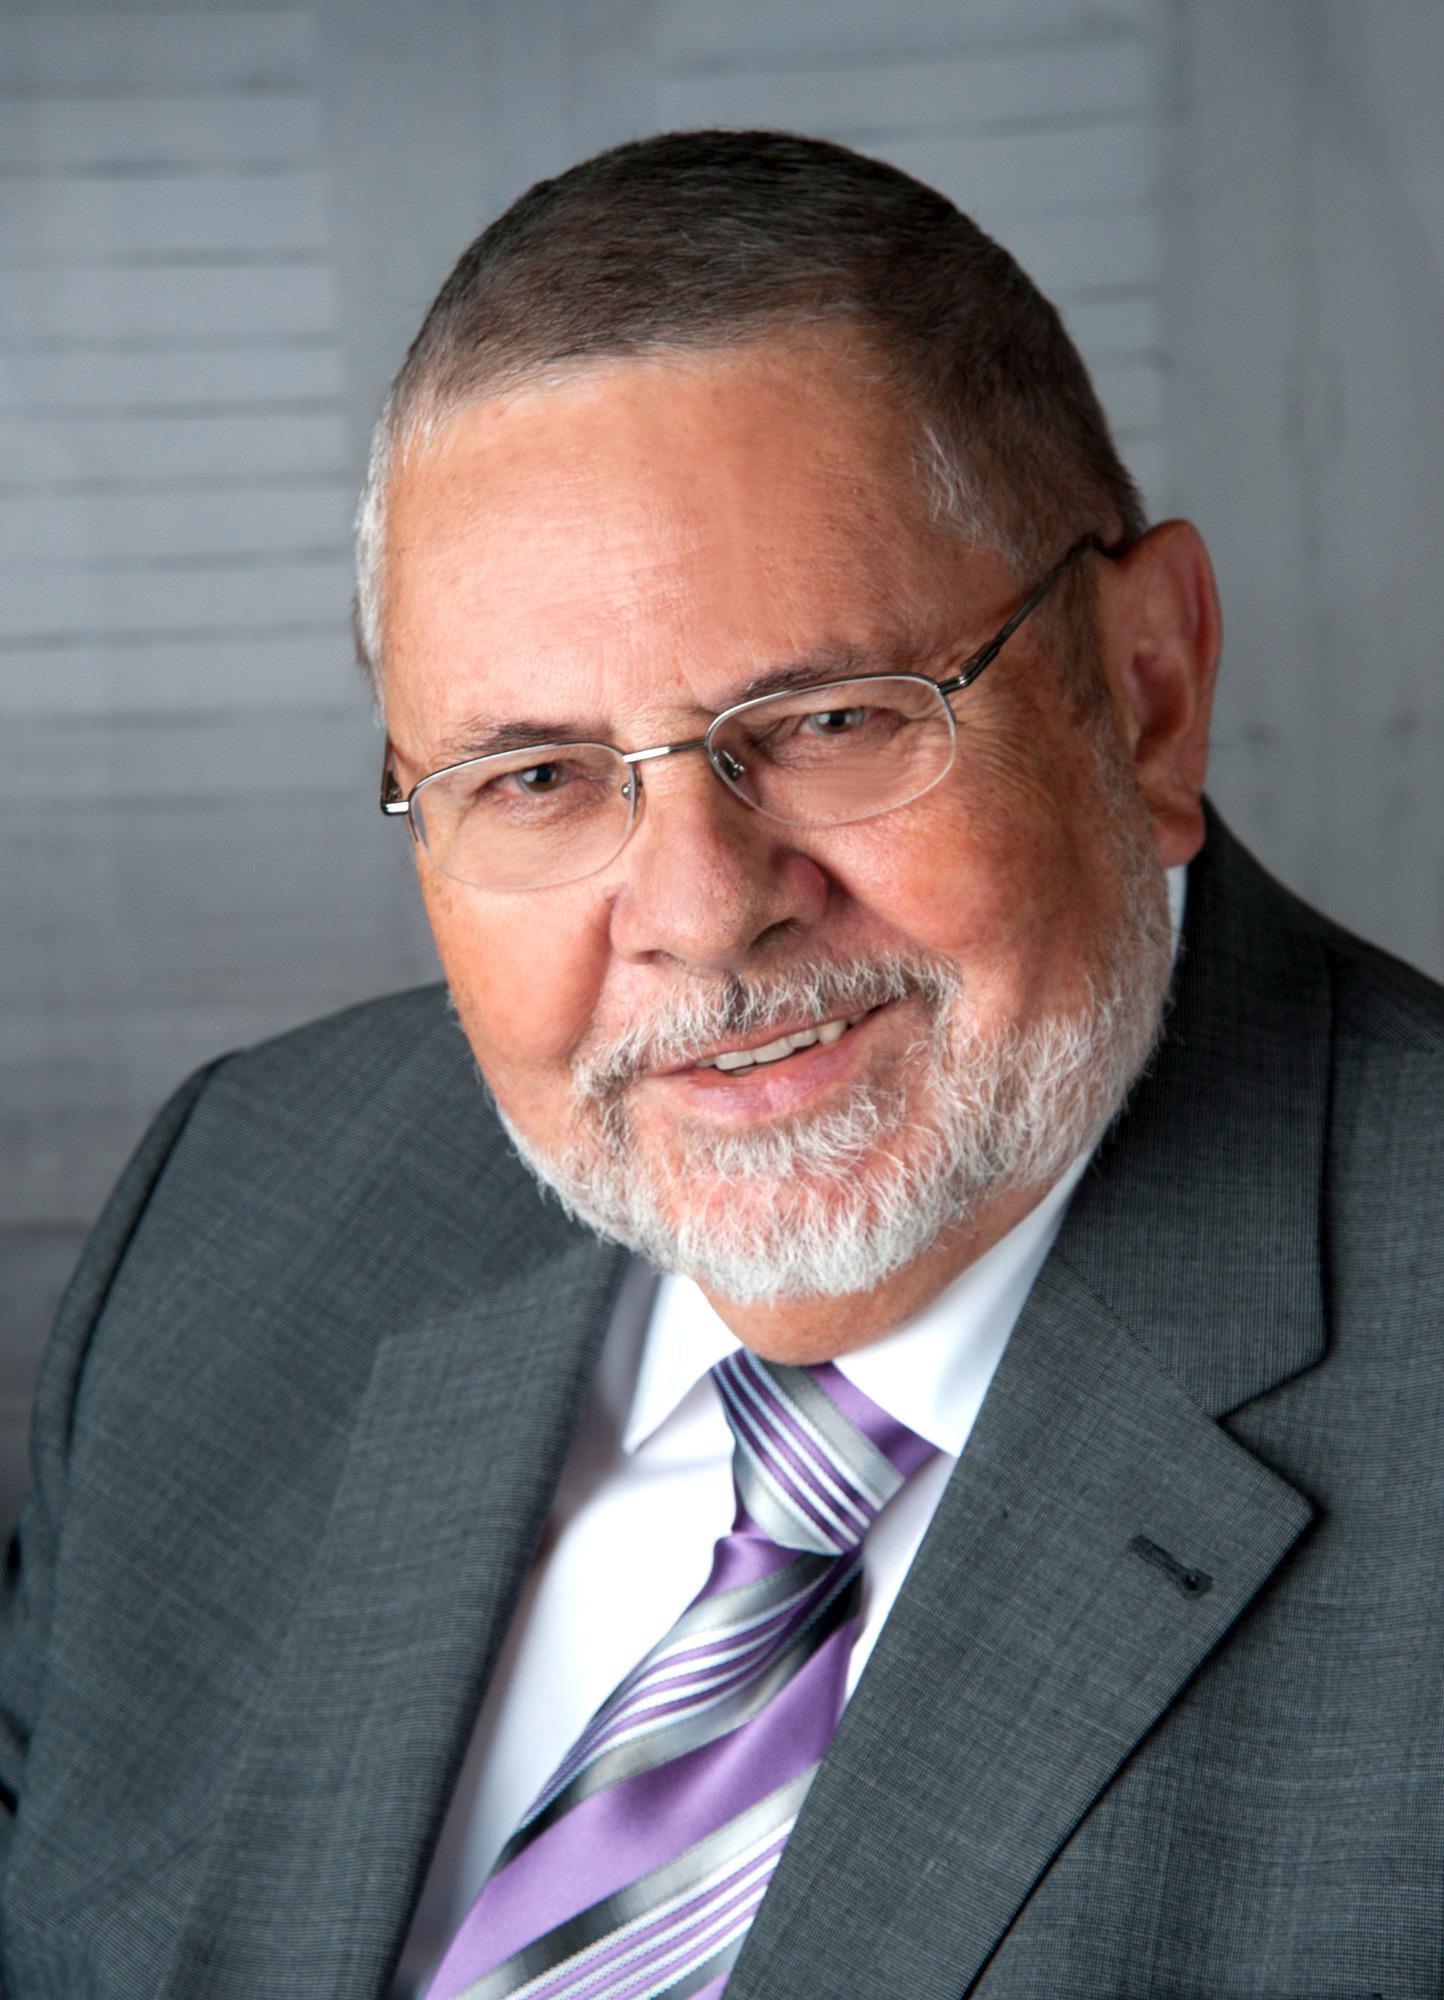 Prof. em. Dr. phil. Werner Sacher